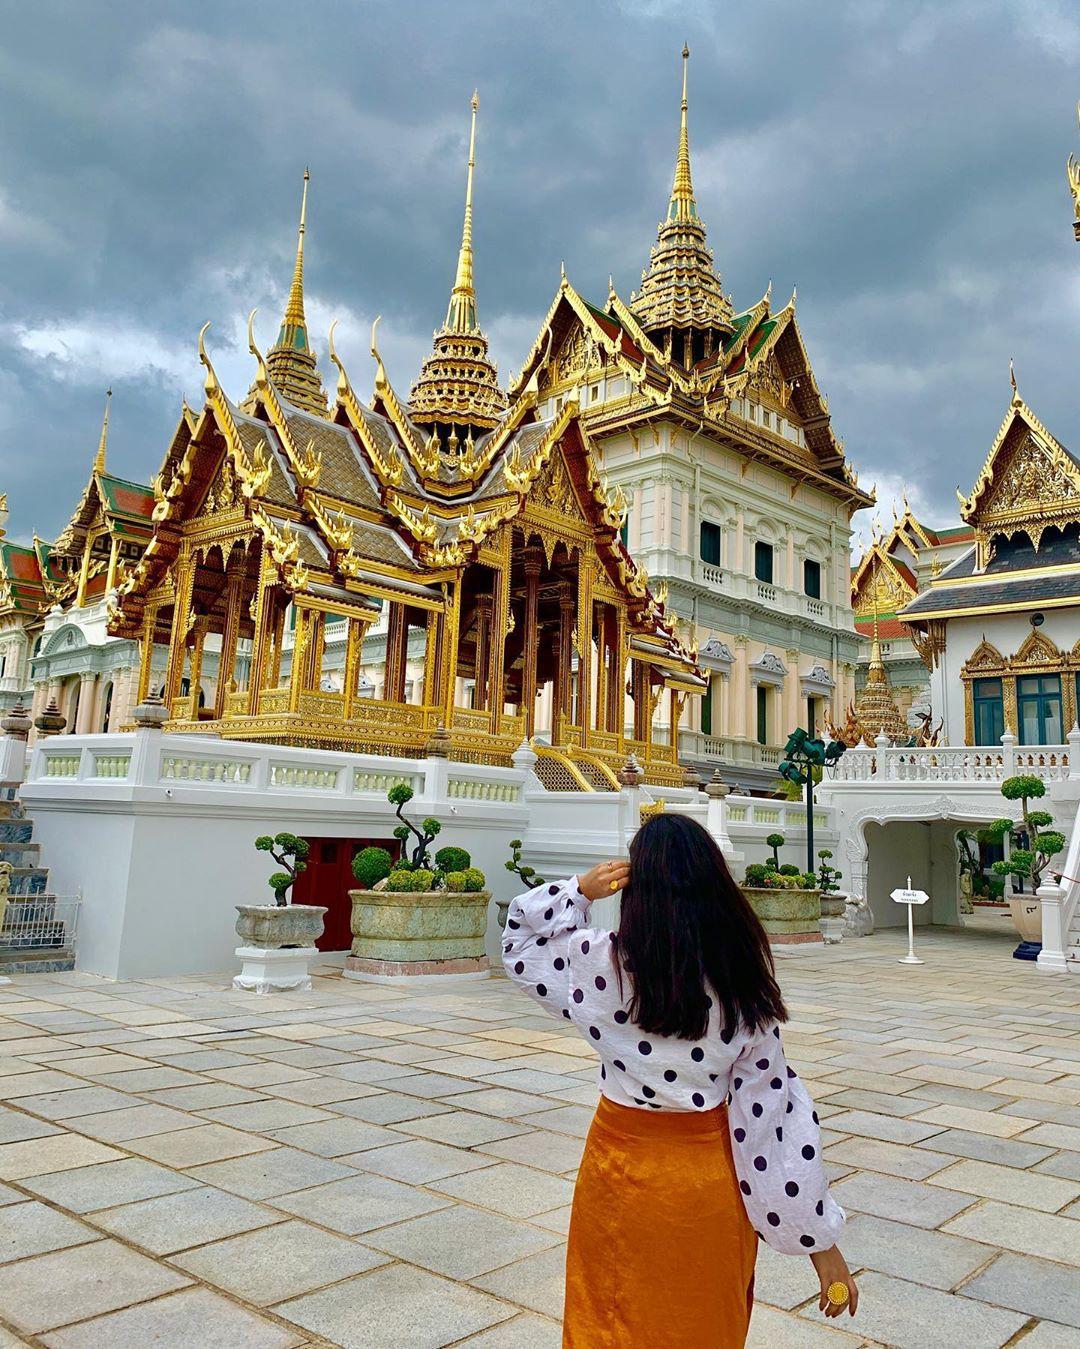 Đến Bangkok nhất định phải ghé thăm 3 cung điện siêu thực này - Ảnh 1.